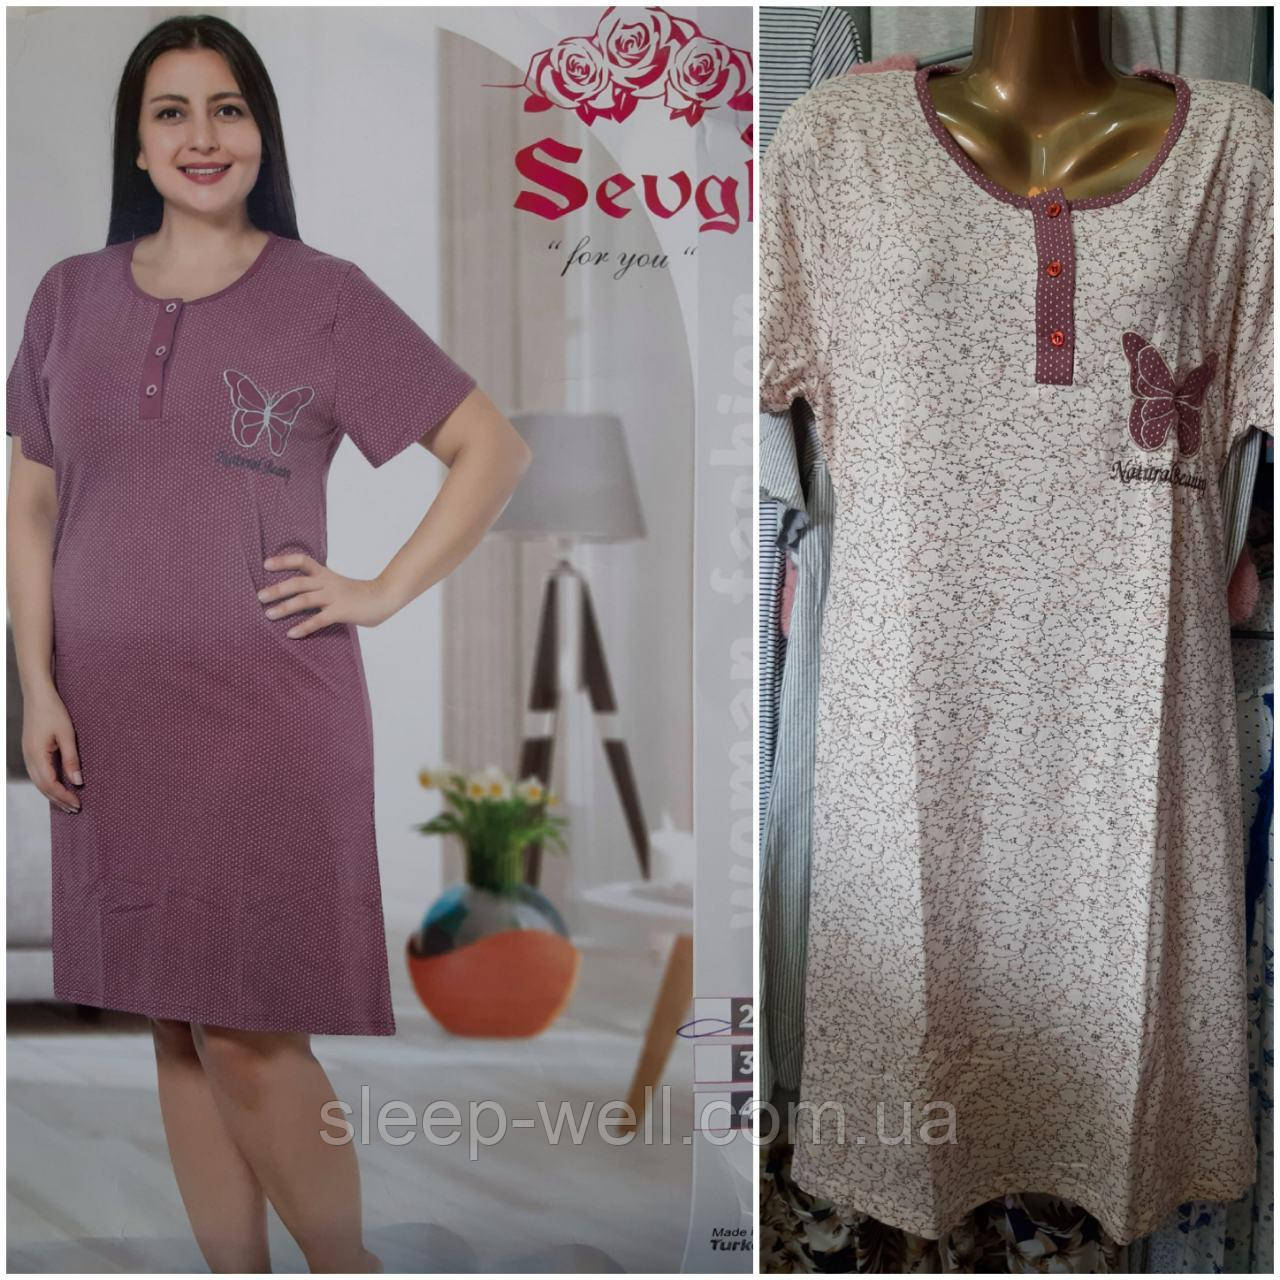 Жіноча нічна сорочка великих розмірів ,Sevge